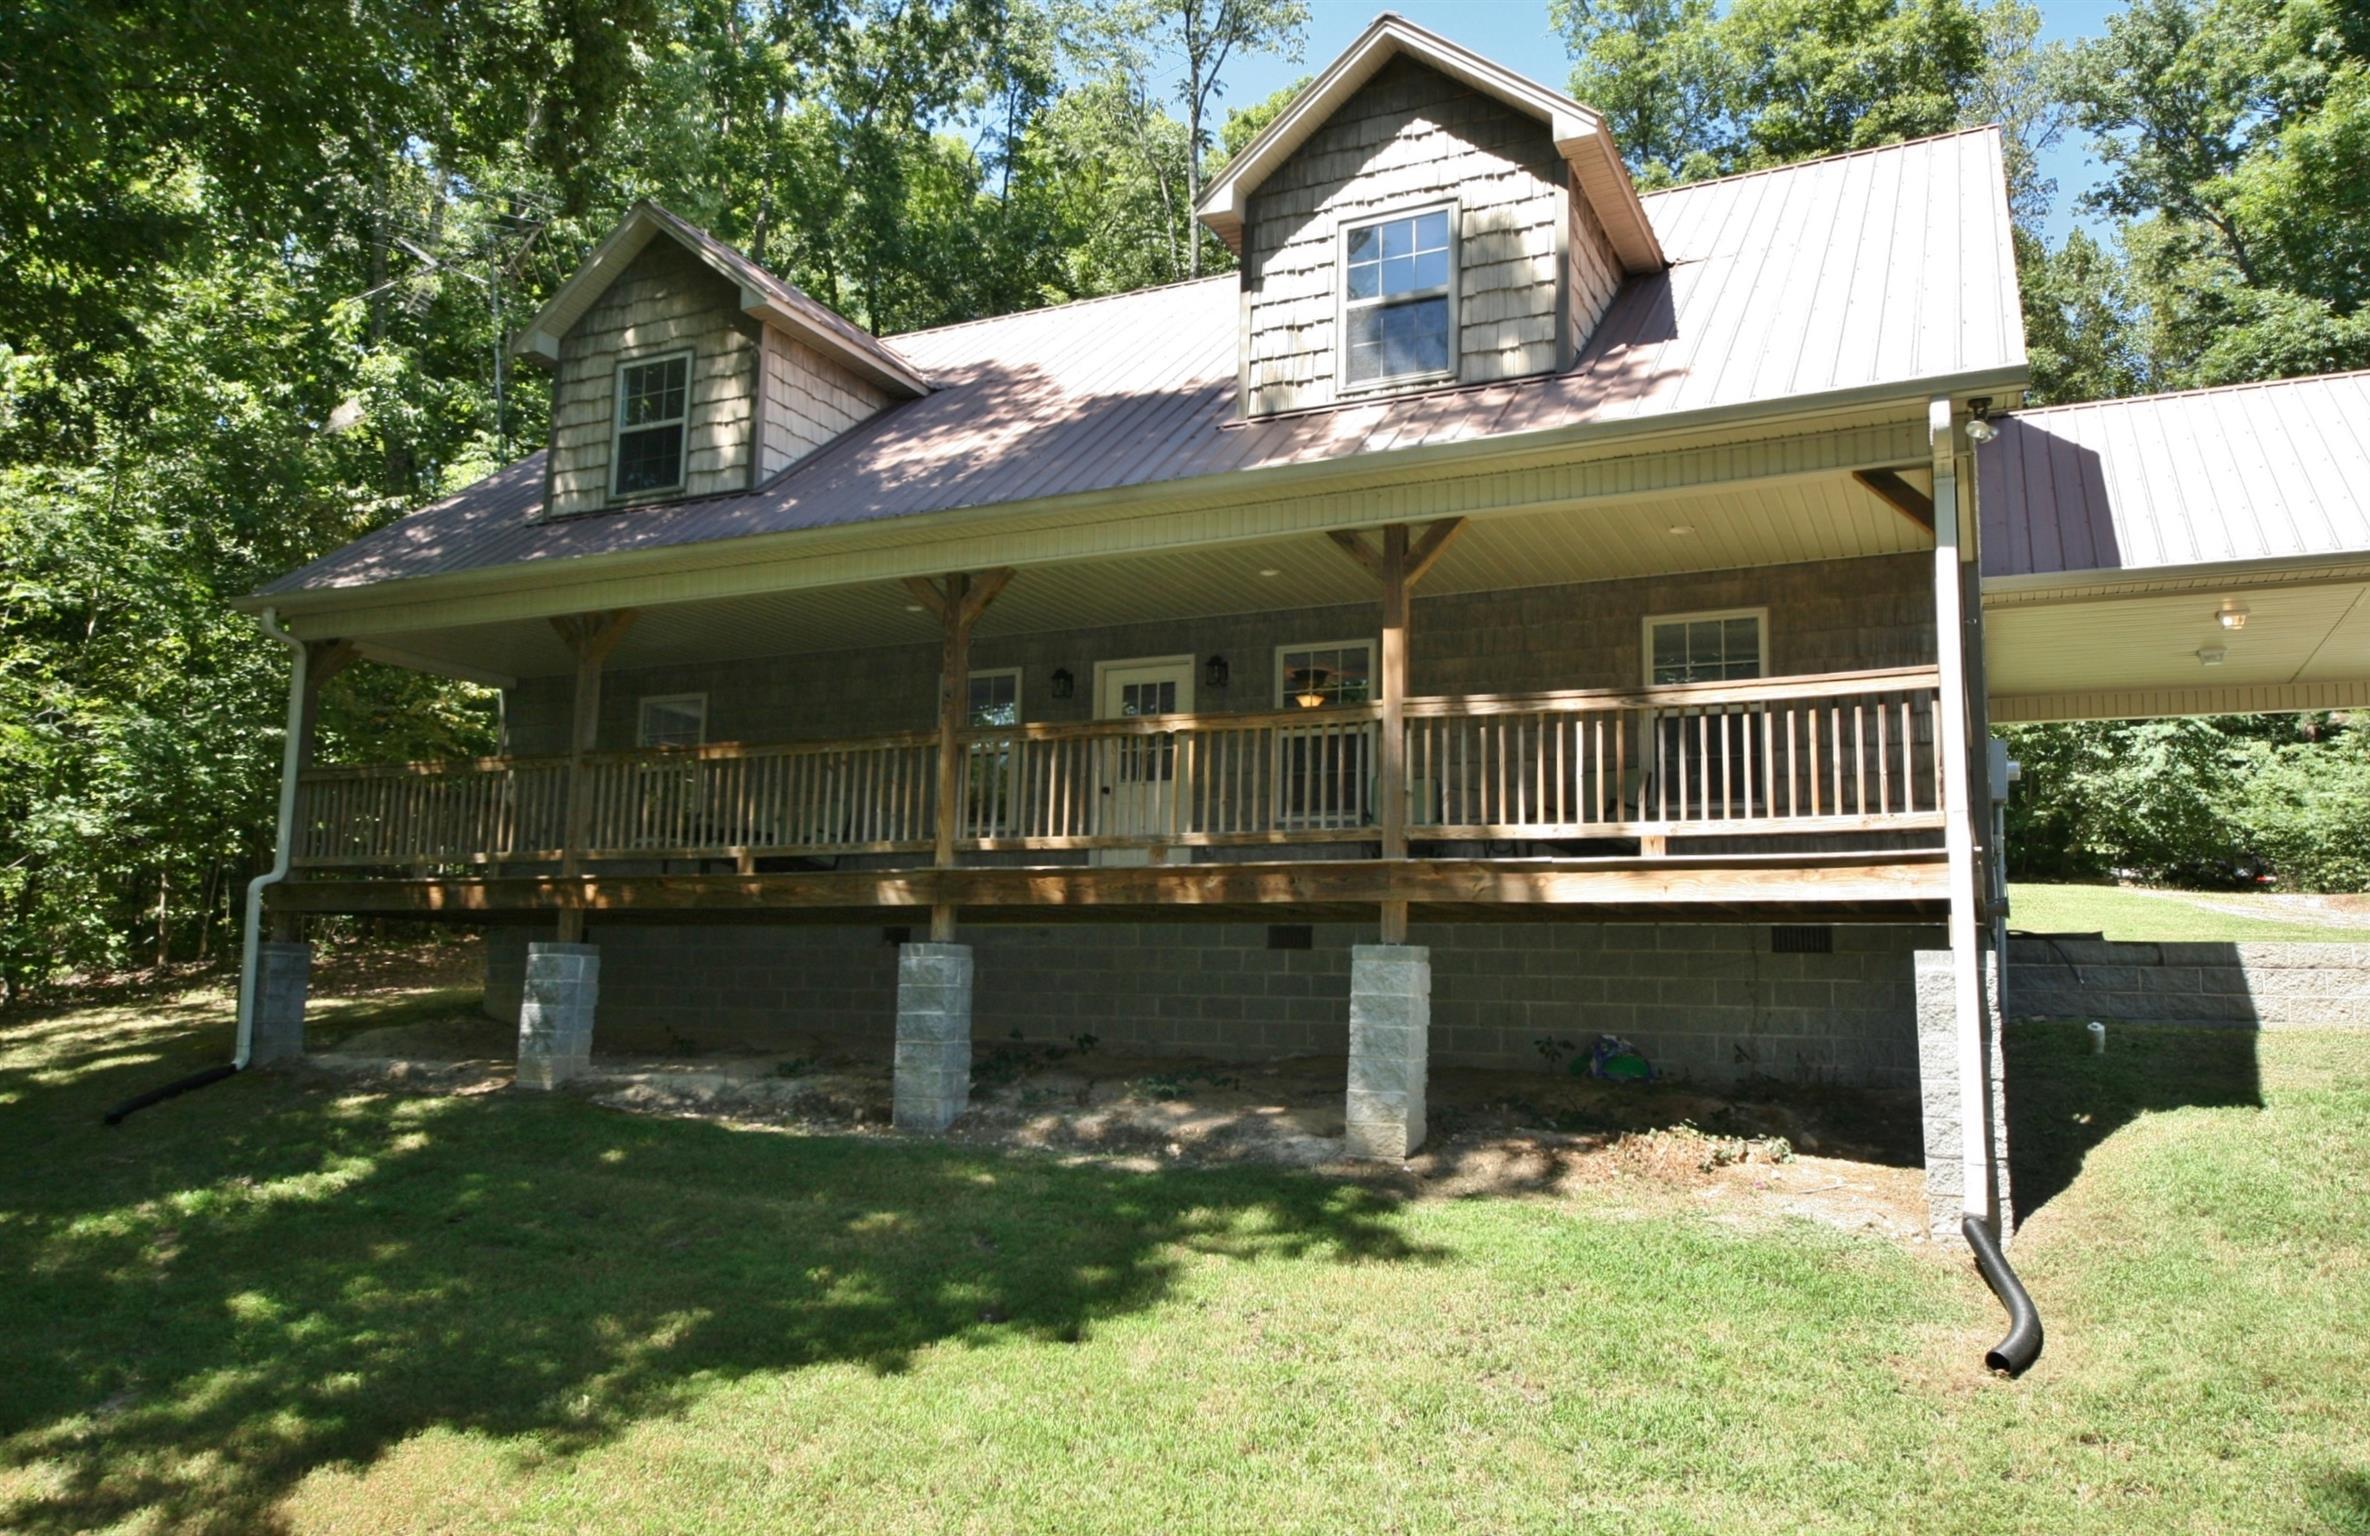 239 Union Ridge Rd, Wartrace, TN 37183 - Wartrace, TN real estate listing